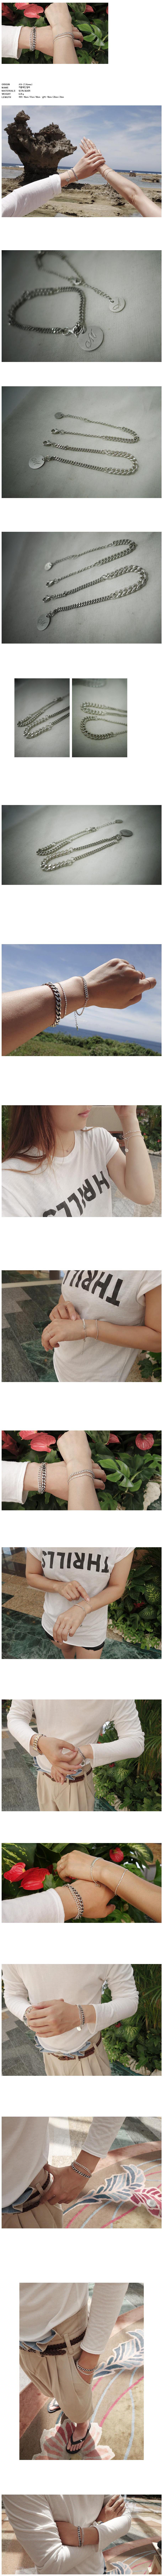 92.5 실버(silver) 남녀 커플 체인 팔찌 - 안즈, 55,000원, 팔찌, 패션팔찌